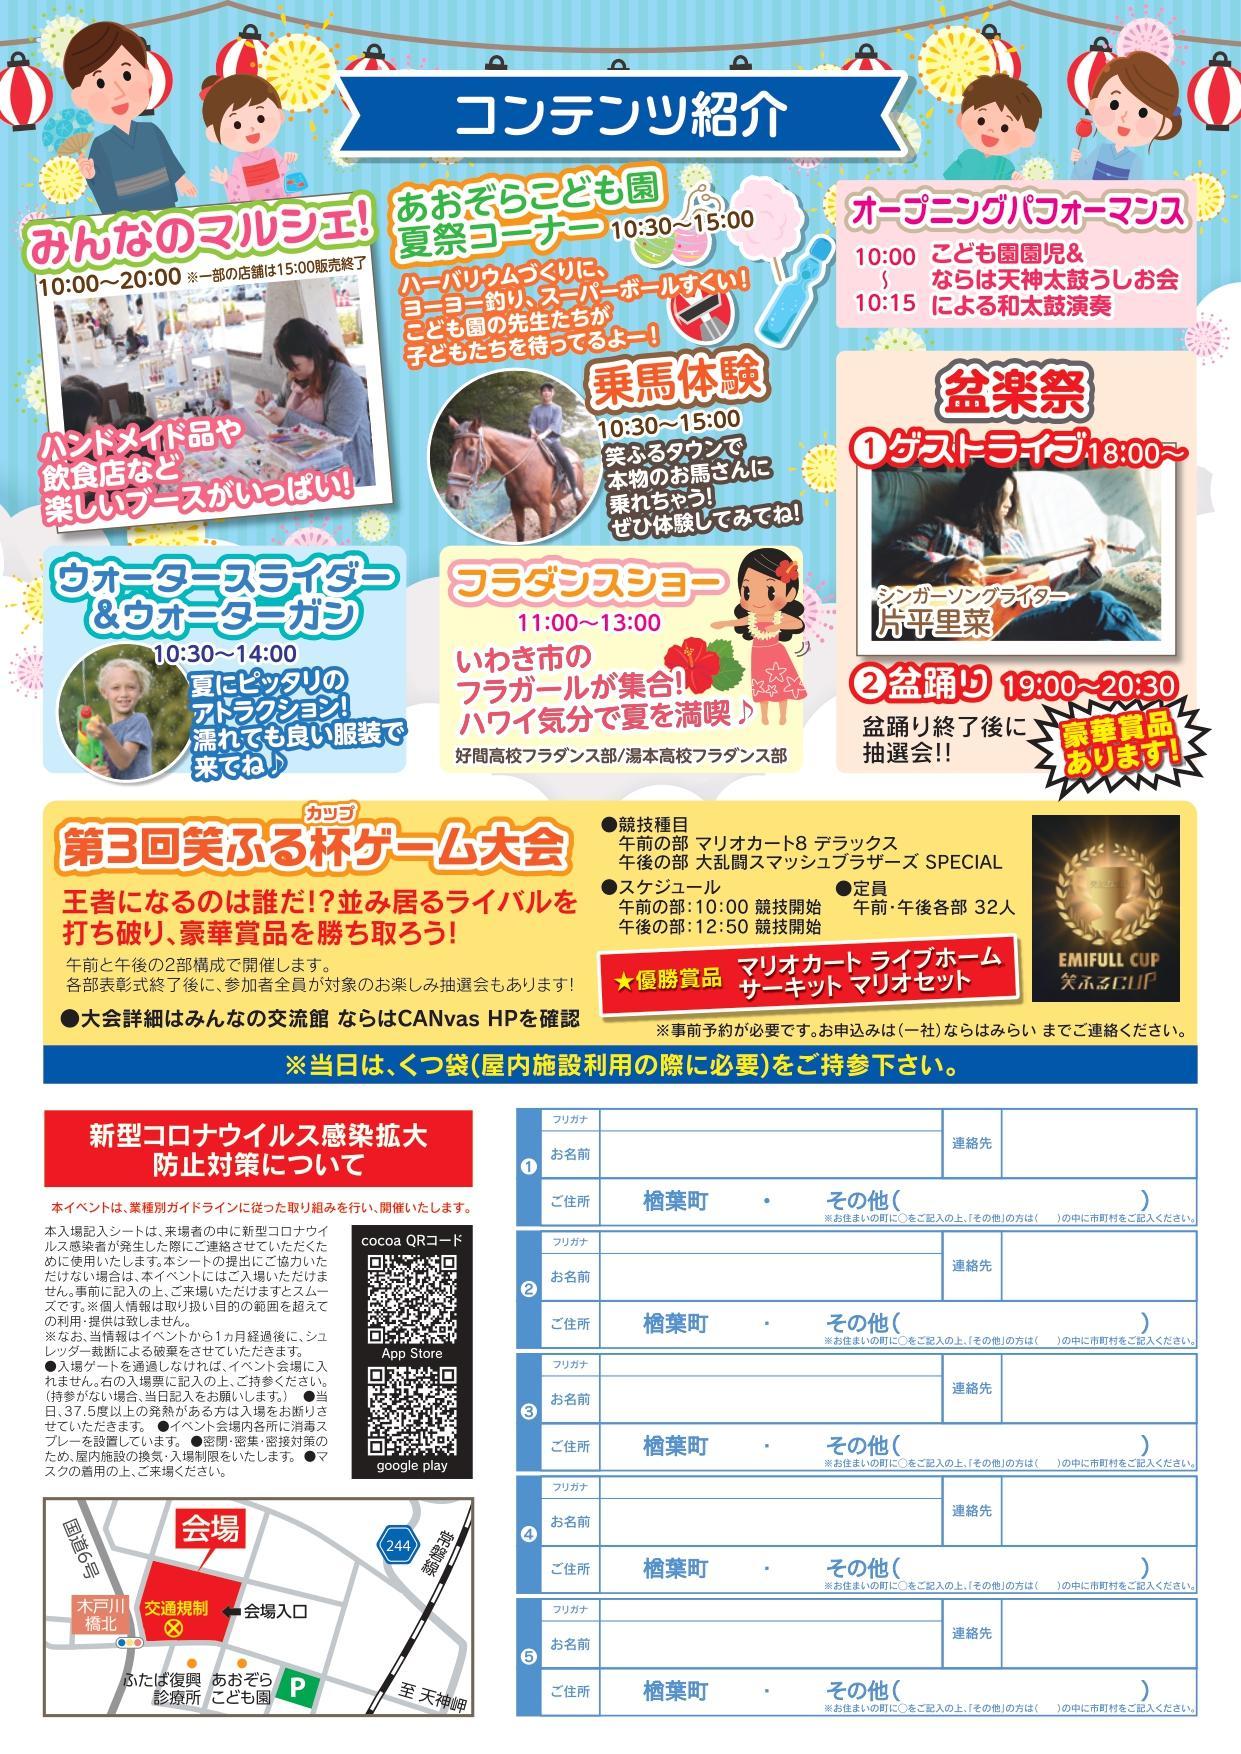 最終_笑ふるタウン3周年_A4裏面_page-0001.jpg